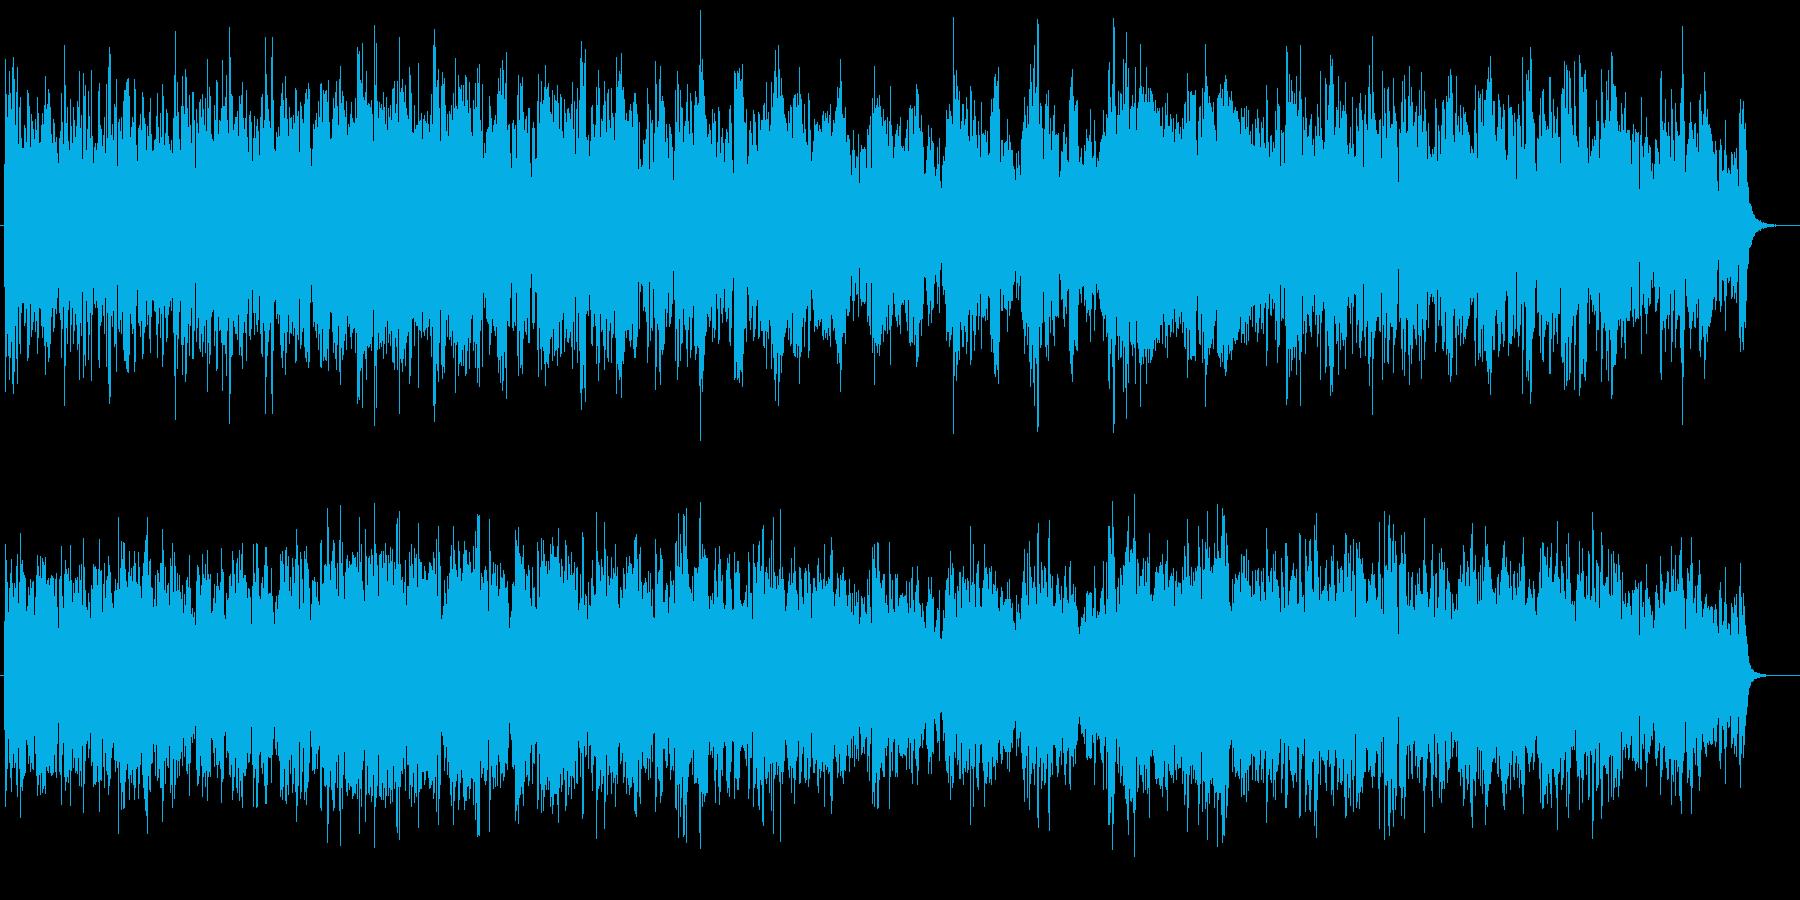 幻想的で怪しげな雰囲気のポップスの再生済みの波形